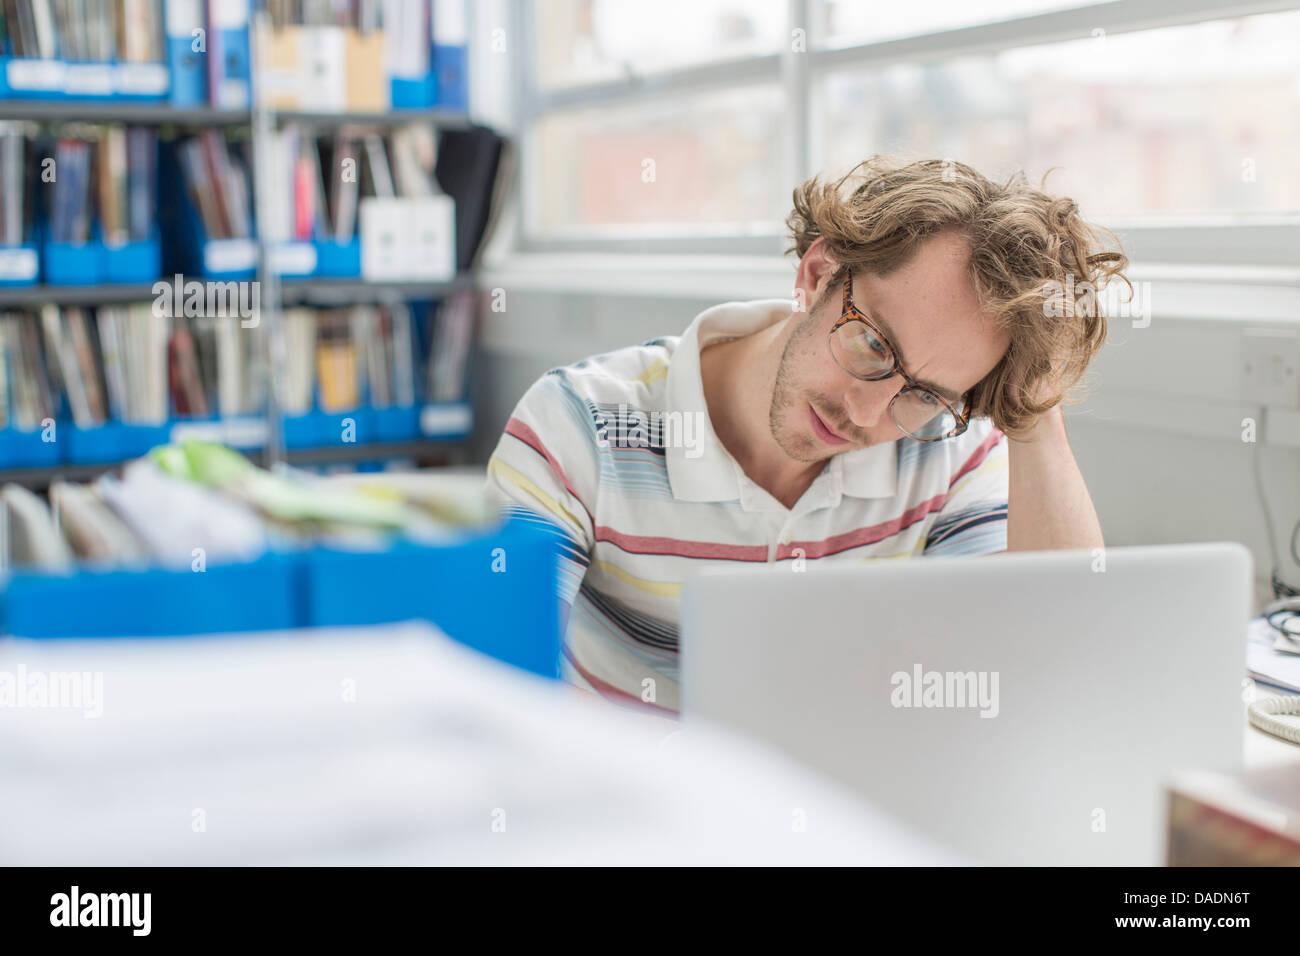 Hombre joven con la cabeza entre las manos en la oficina creativa Imagen De Stock